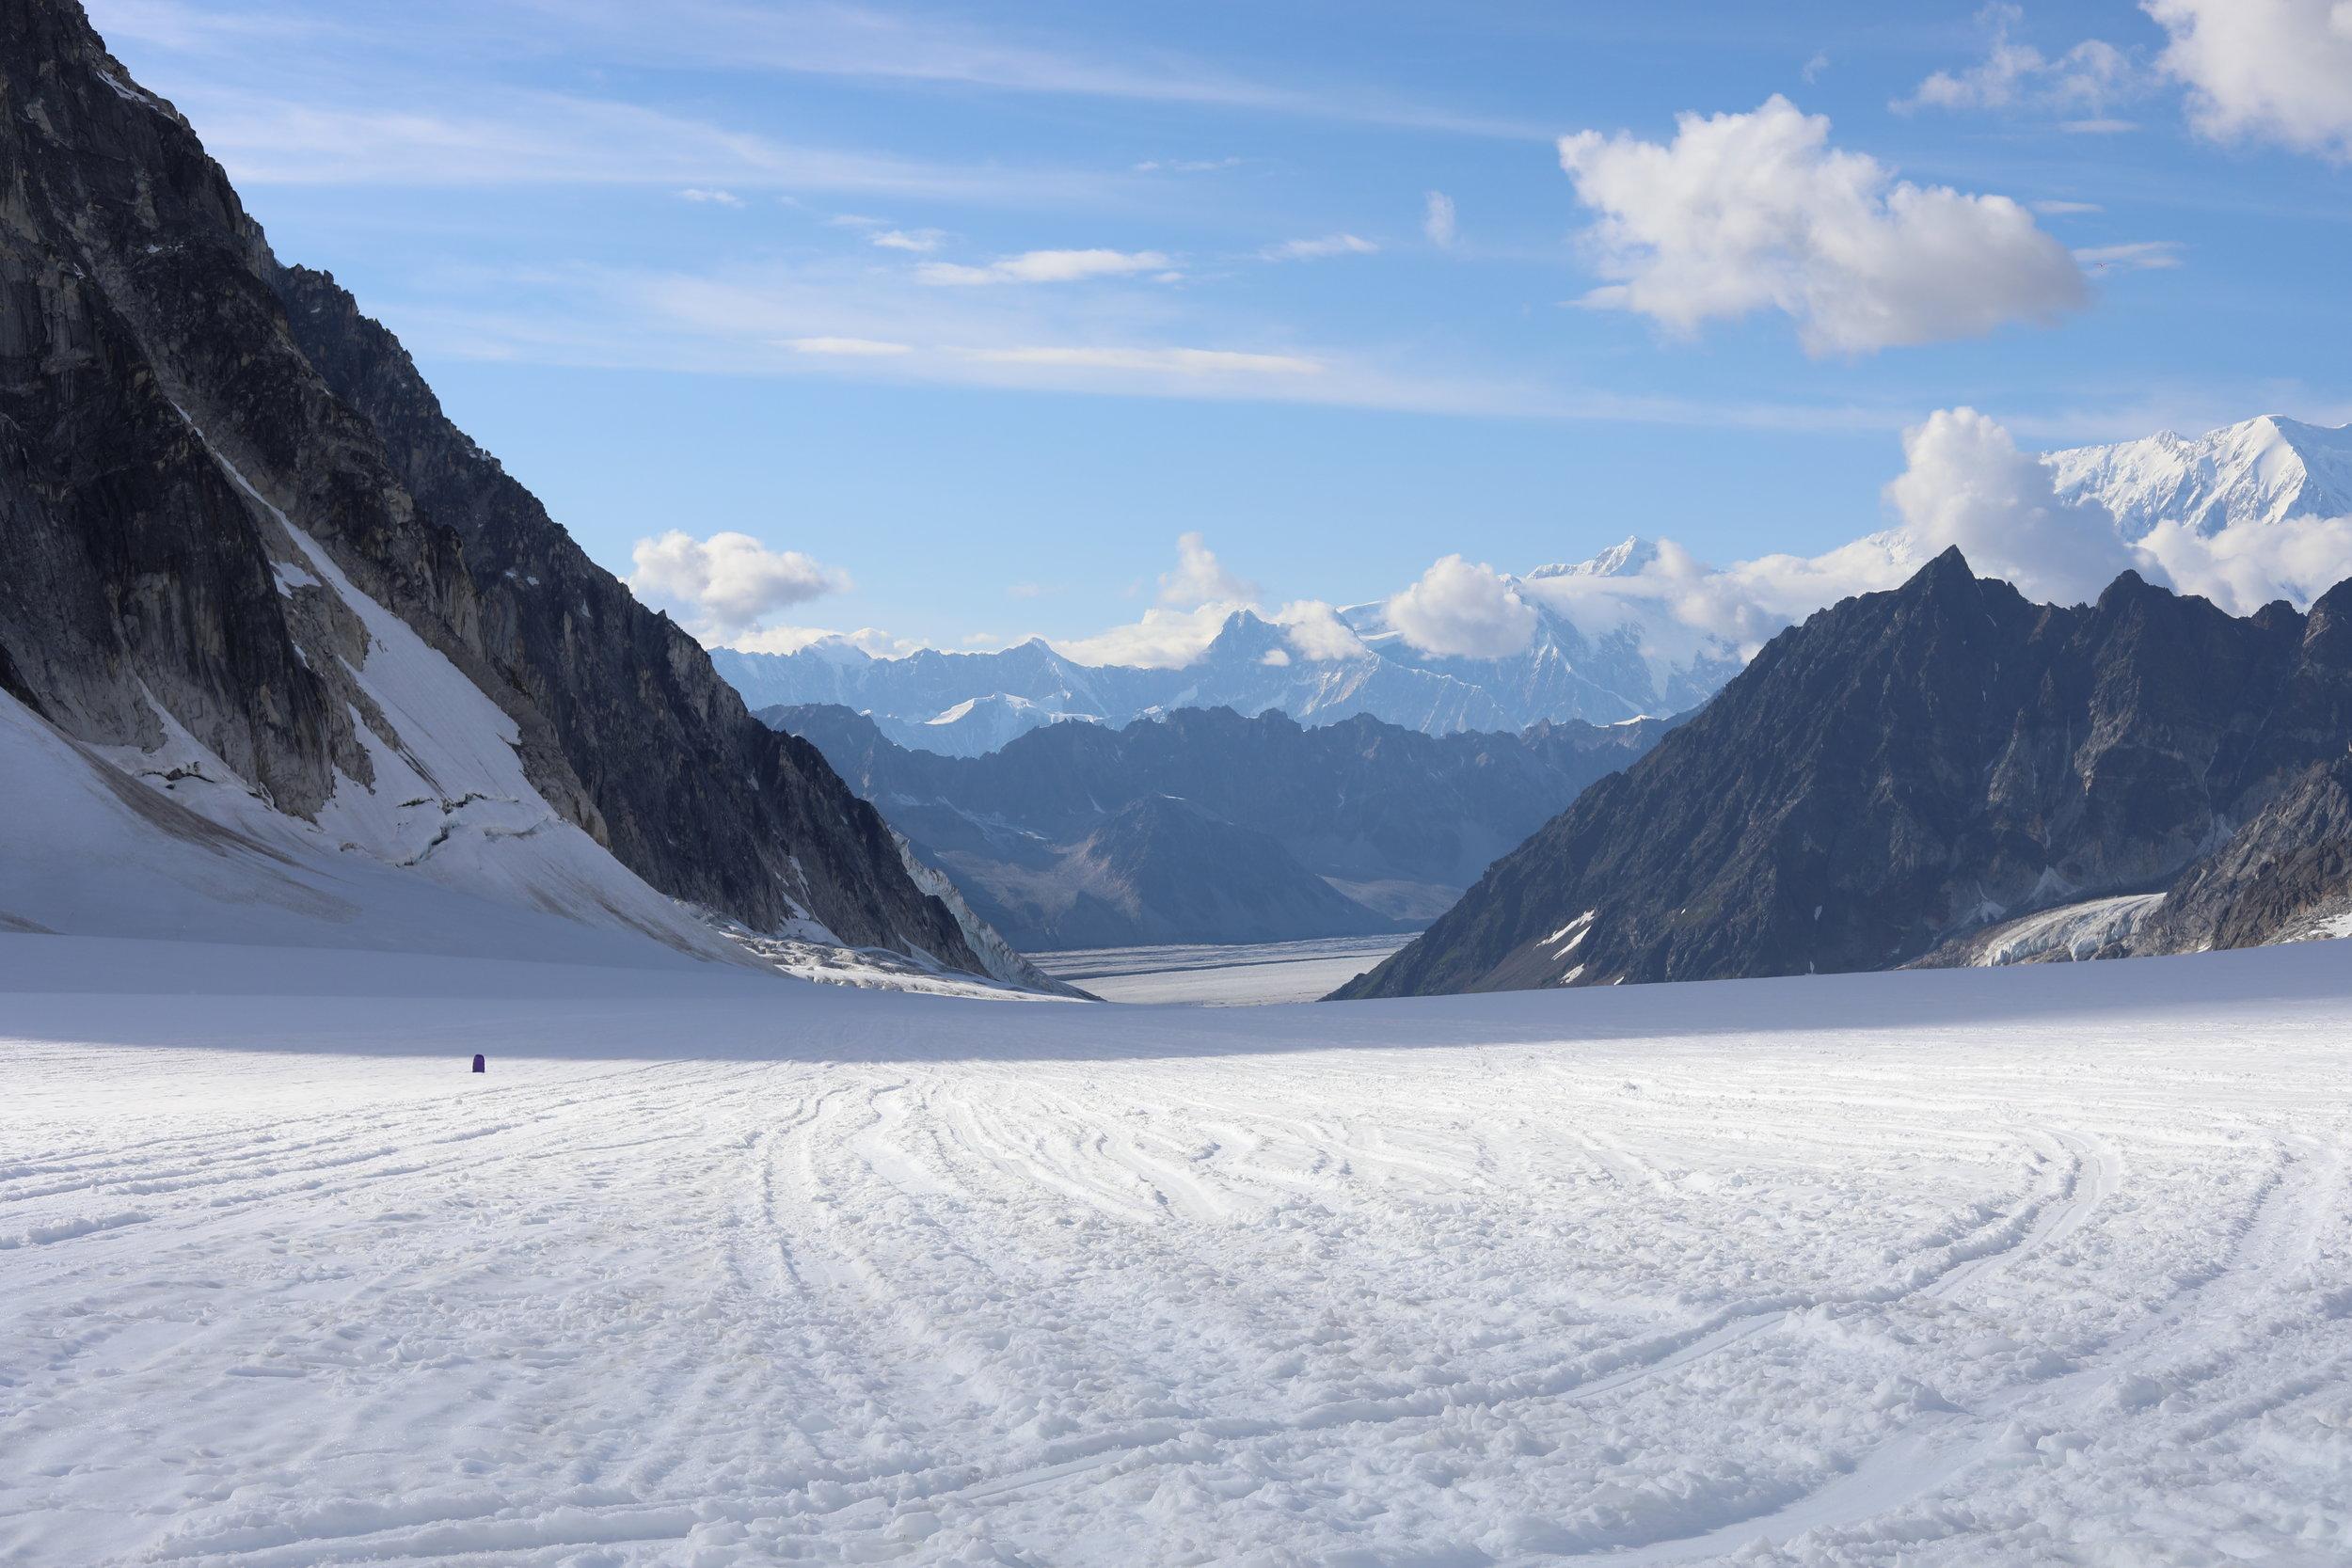 Runway on a glacier.